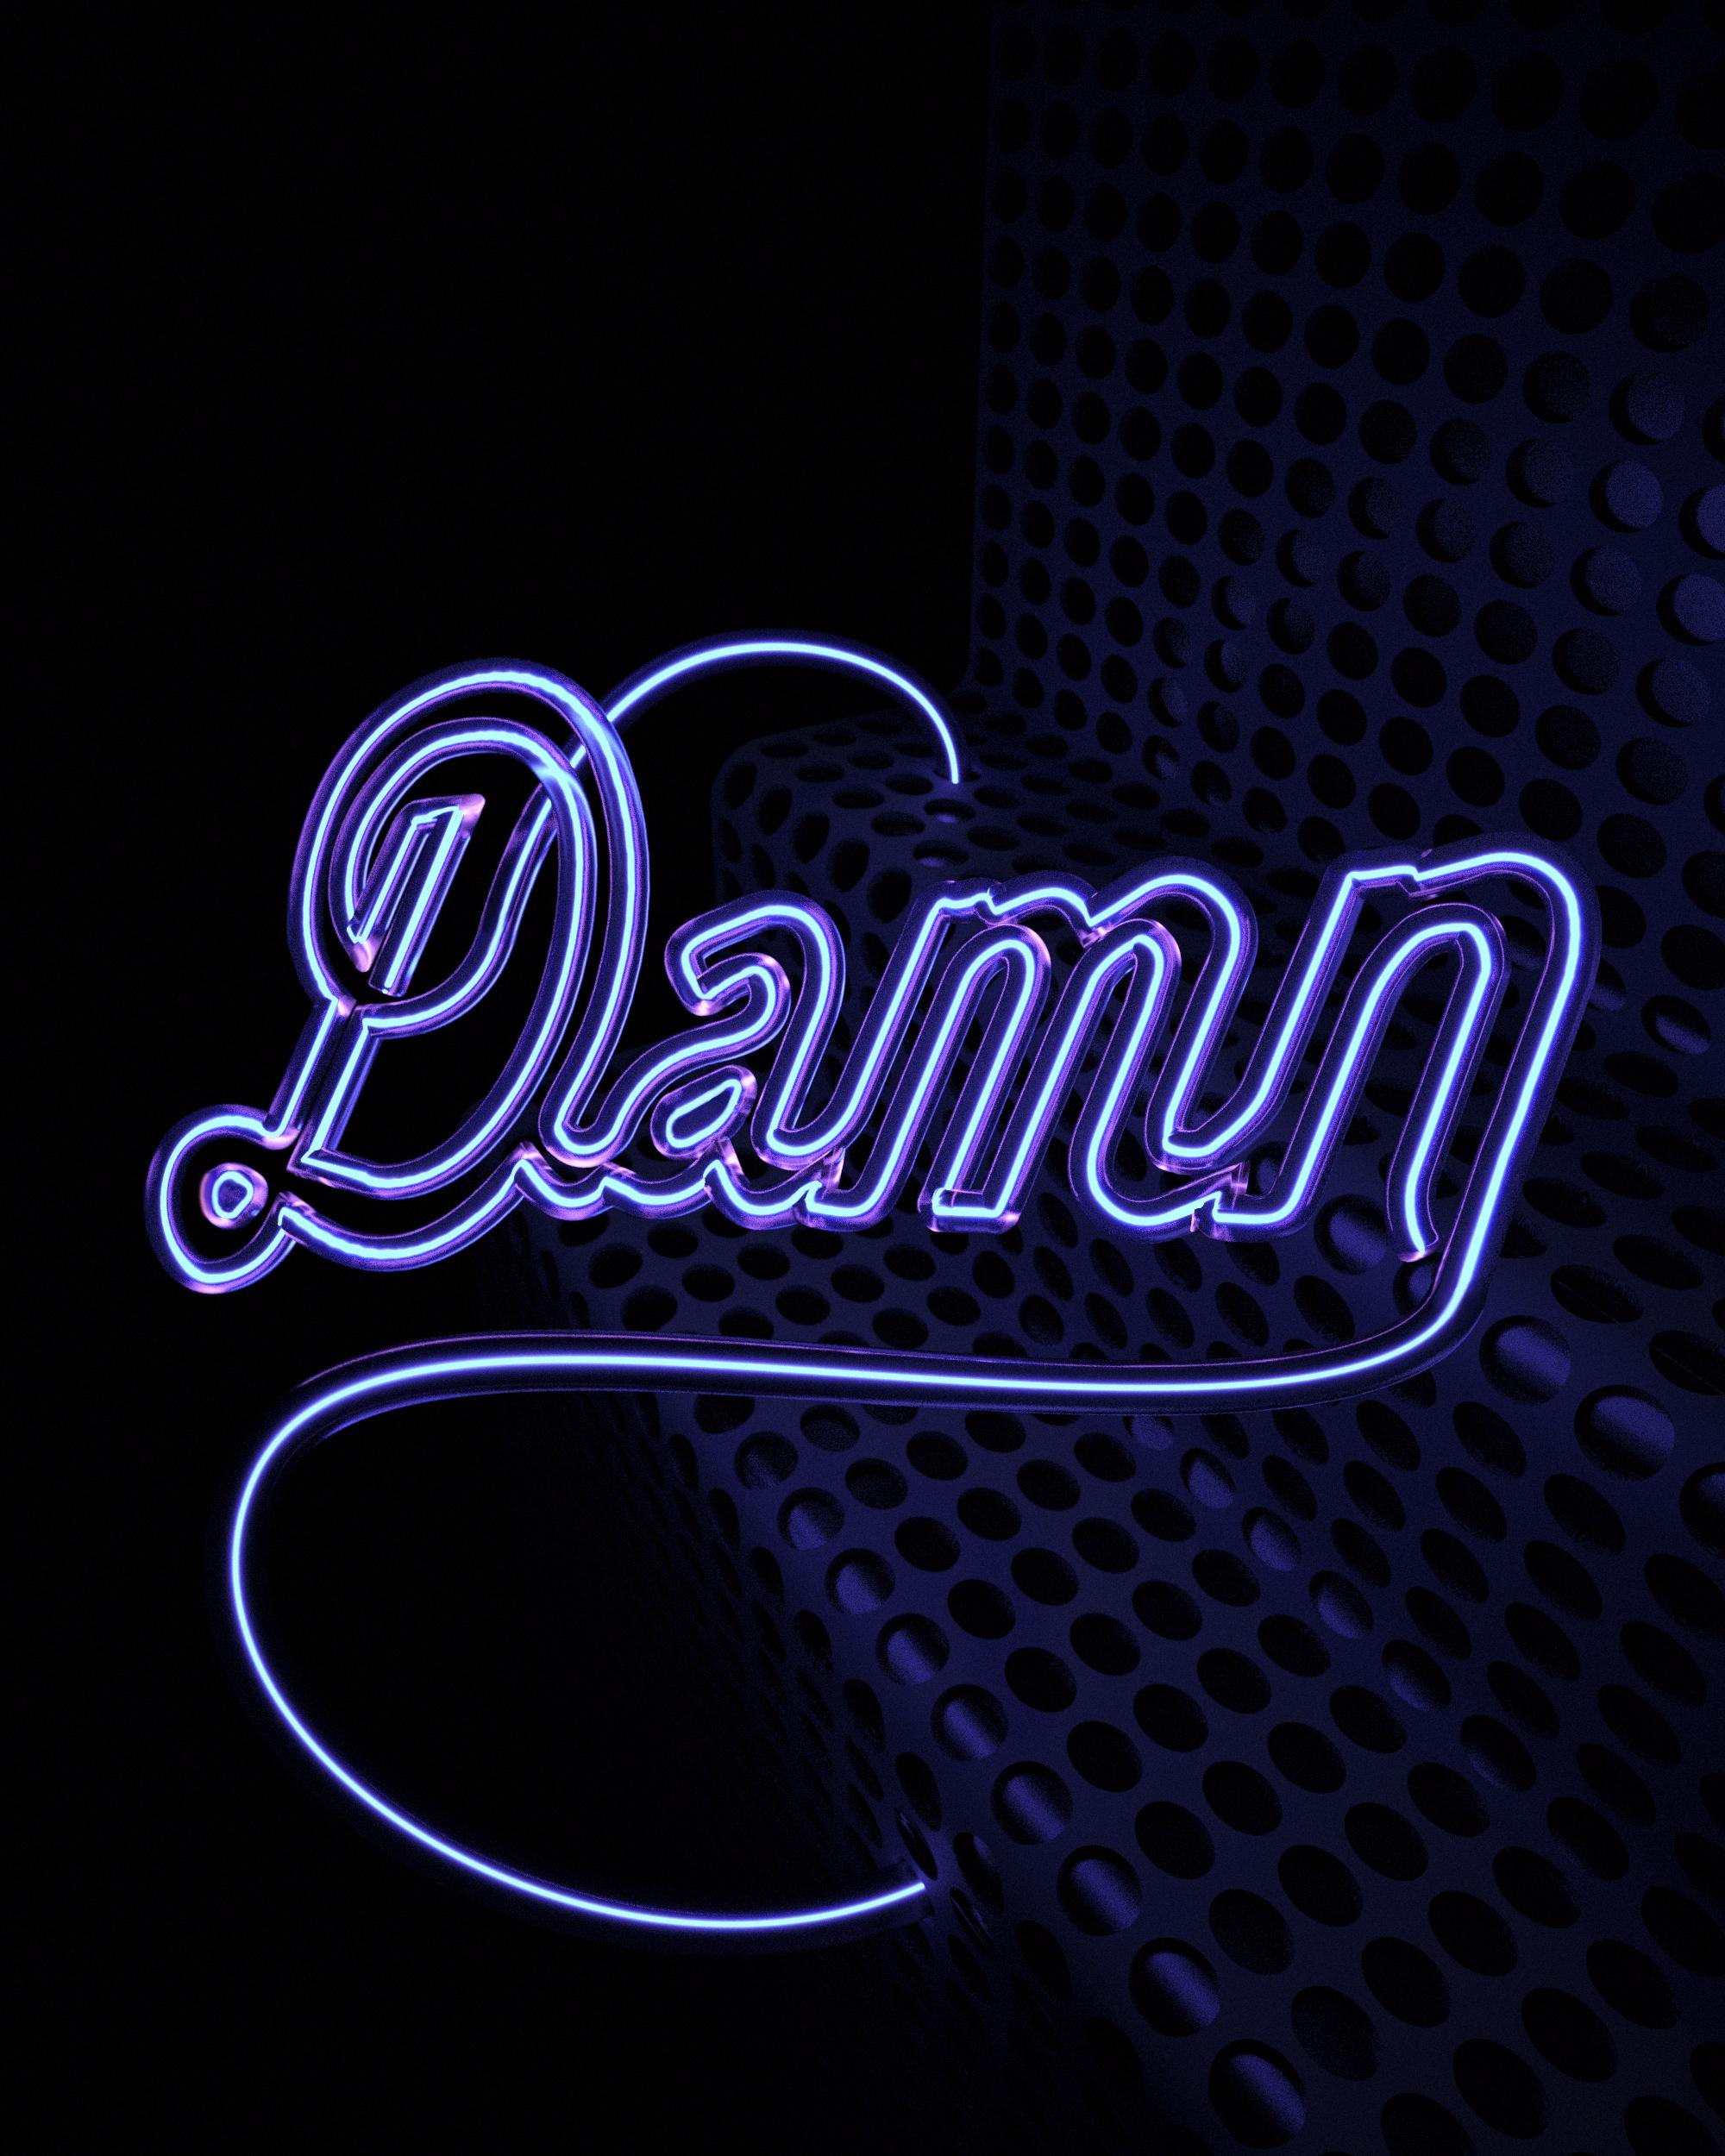 DAMN - Design, #3D, CGI, MotionDesign - deangiffin | ello